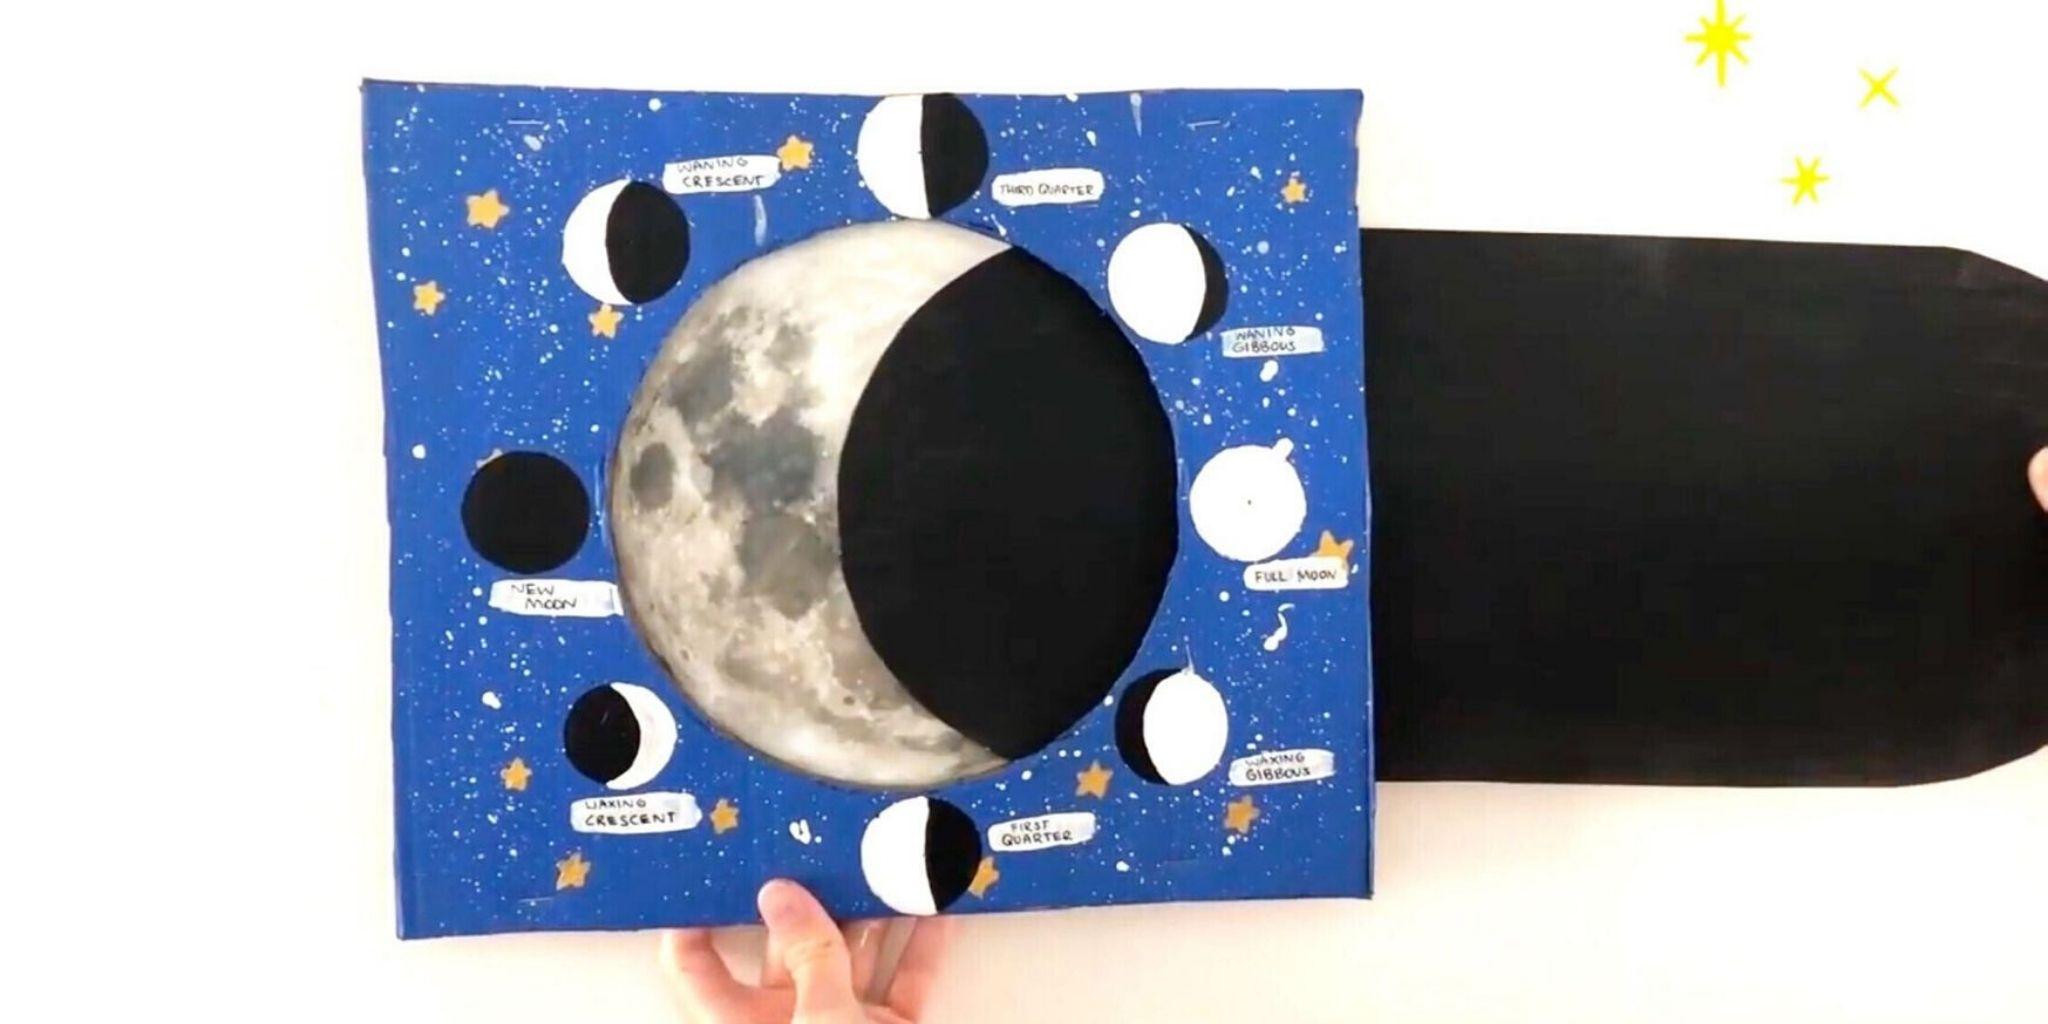 Atividade com as fases da lua para crianças